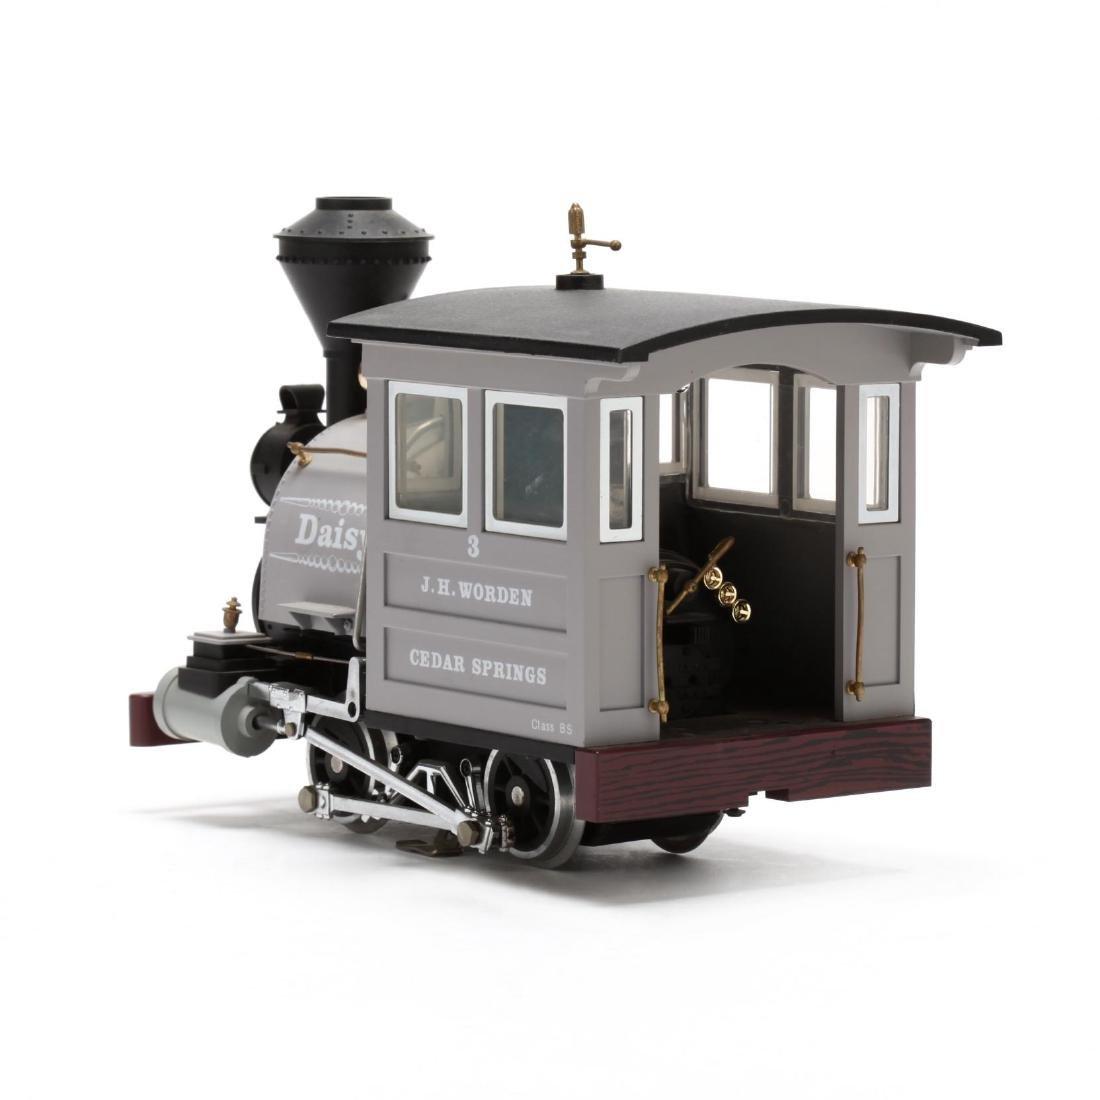 Lehmann Daisy Porter Steam Locomotive - 2